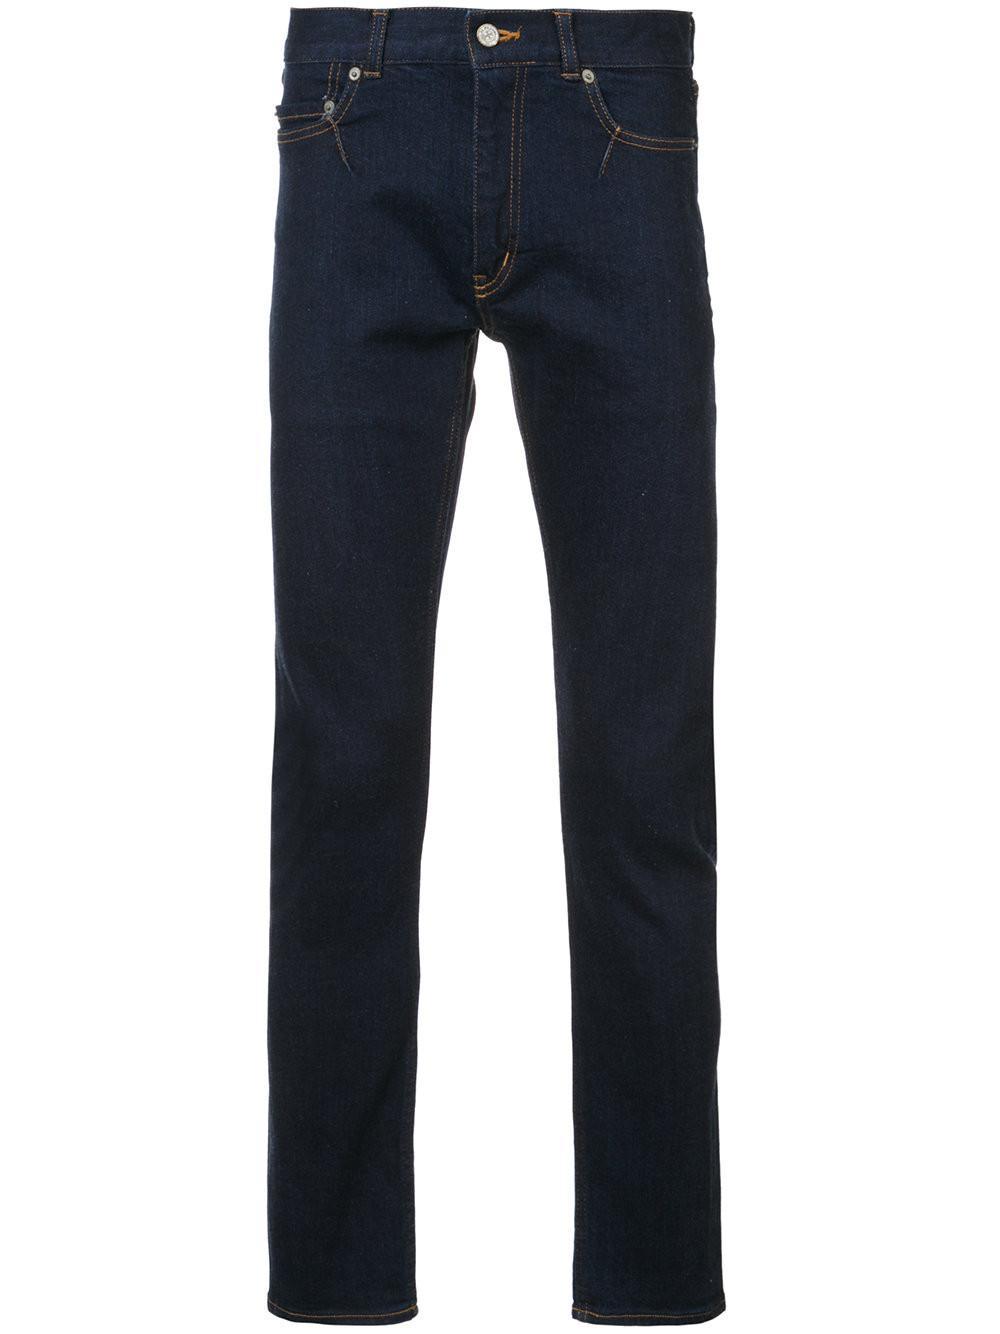 Julien David Skinny Jeans In Blue